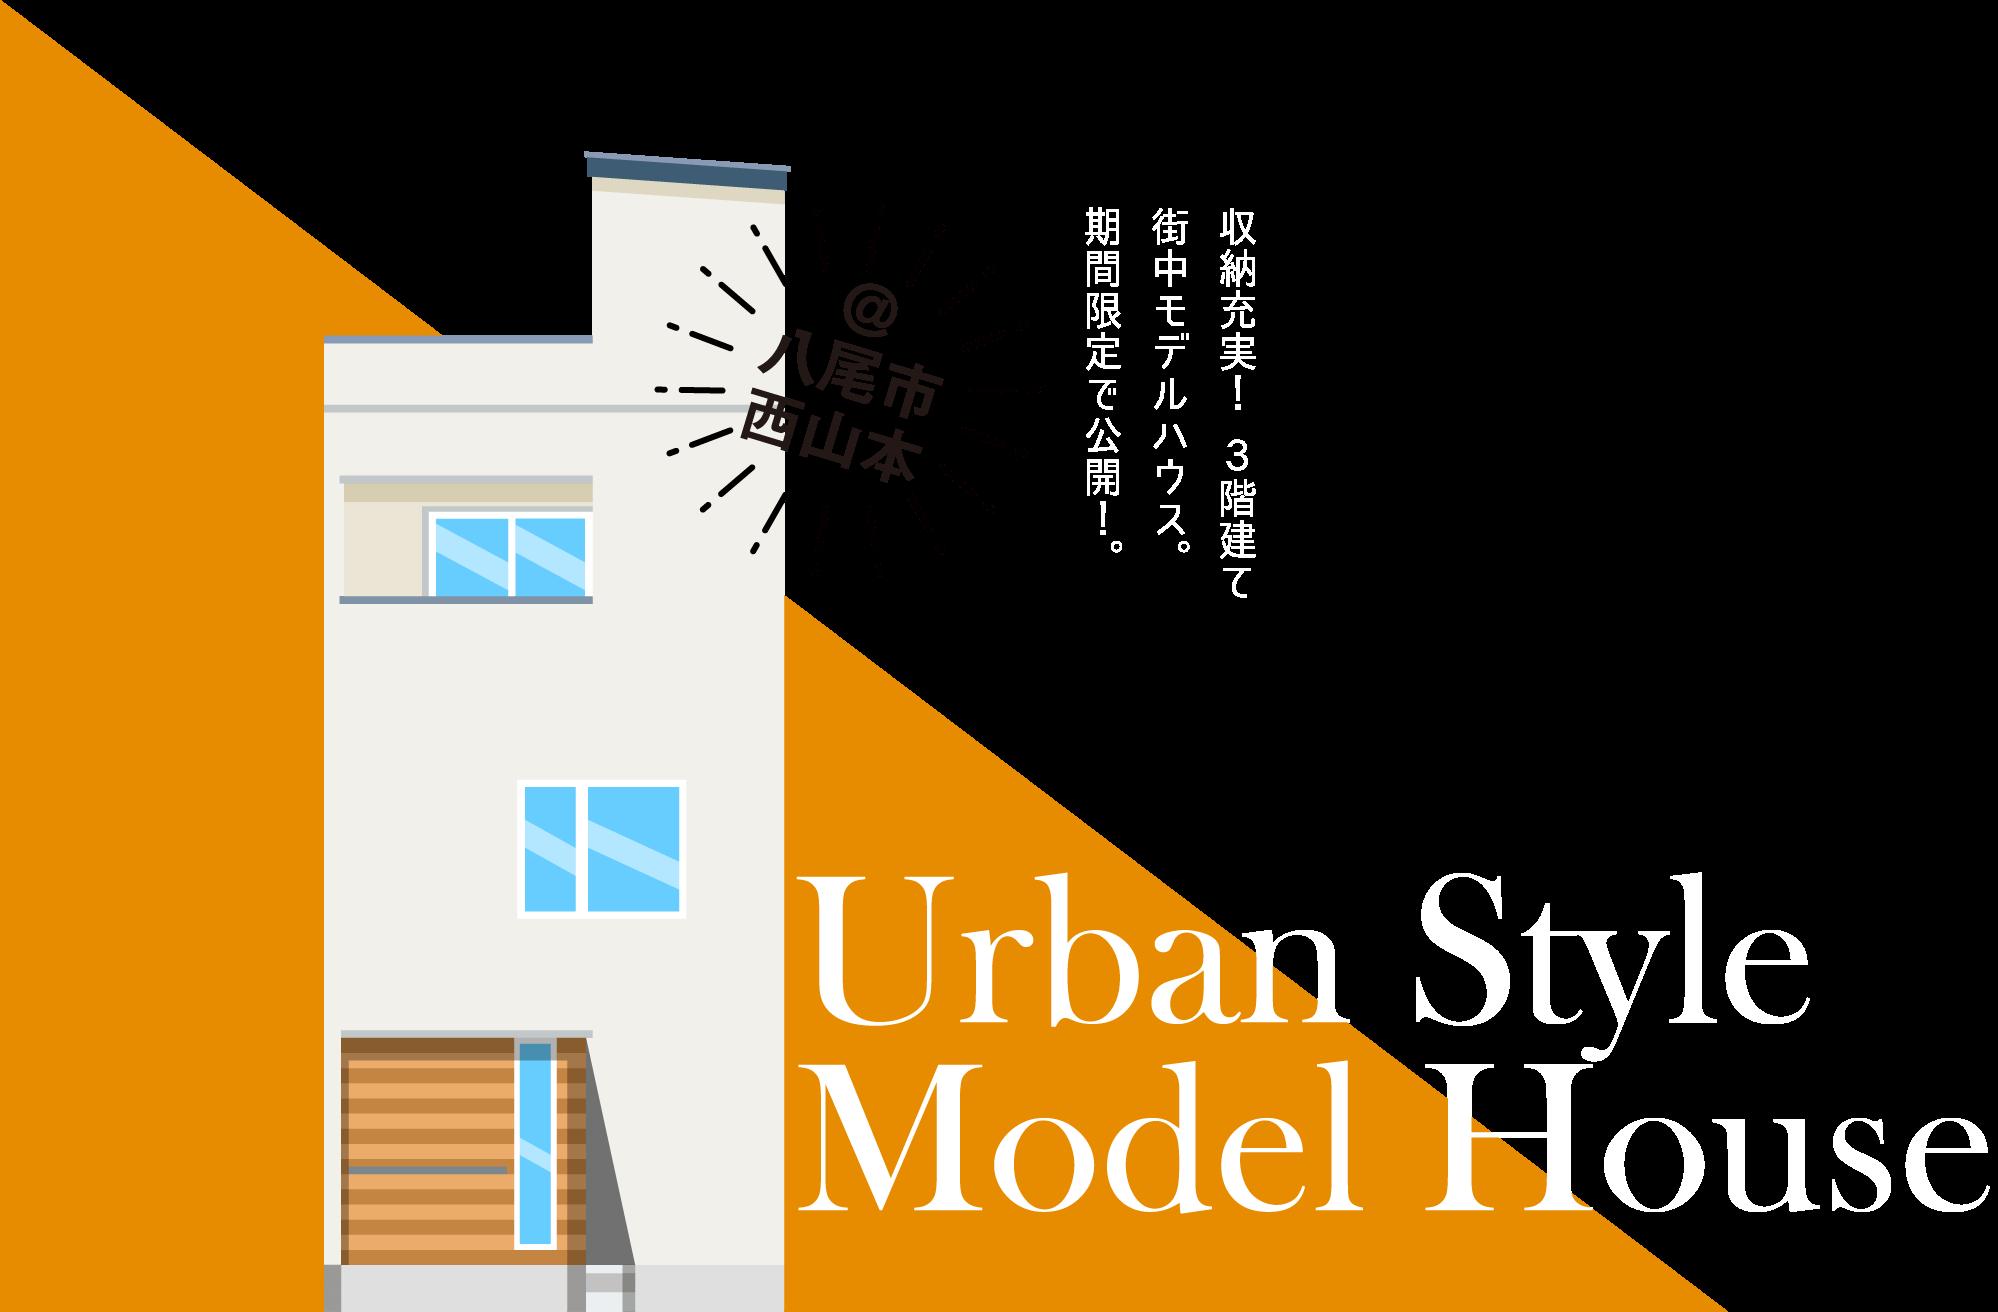 収納充実!3階建て 街中モデルハウス。 期間限定で公開! @八尾市西山本 Urban Style Model House